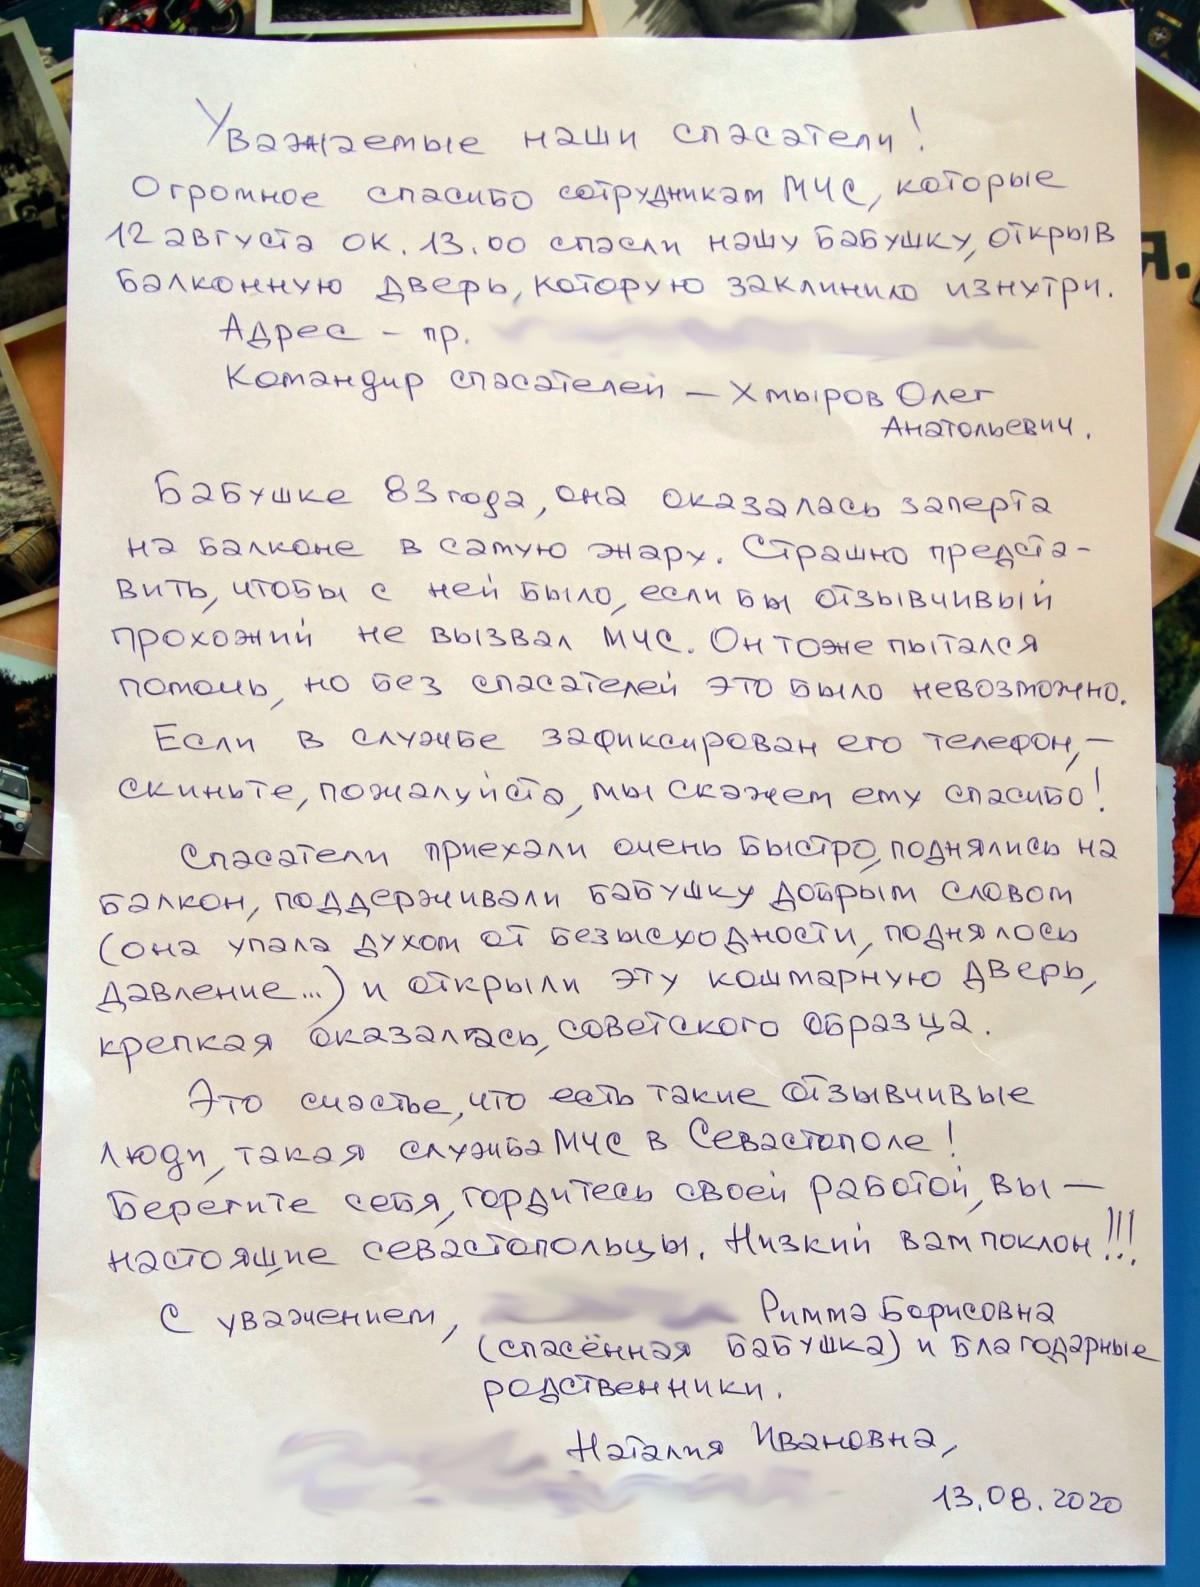 Севастопольские спасатели получили трогательное письмо